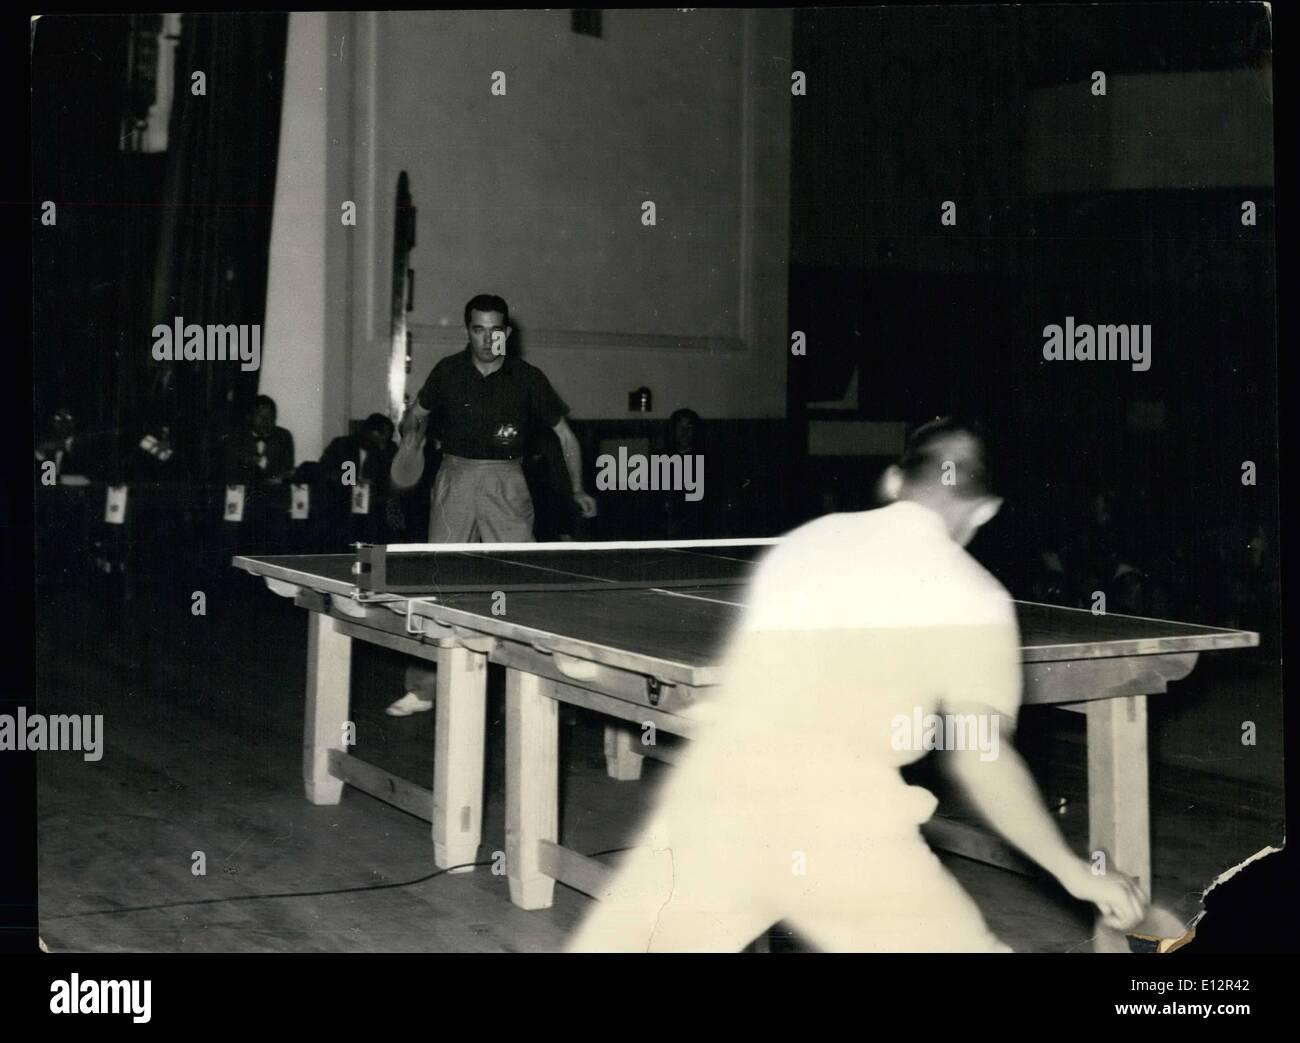 24 février 2012 - tournoi de tennis de table pan-pacifique: Kenneth Adamson de jouer contre l'Australie Tadaaki Hayashi. C'était un jeu bien équilibrés, avec les résultats finaux, 21-17, 18-21, 22-20 et 21-14 en faveur de Hayashi. Photo Stock